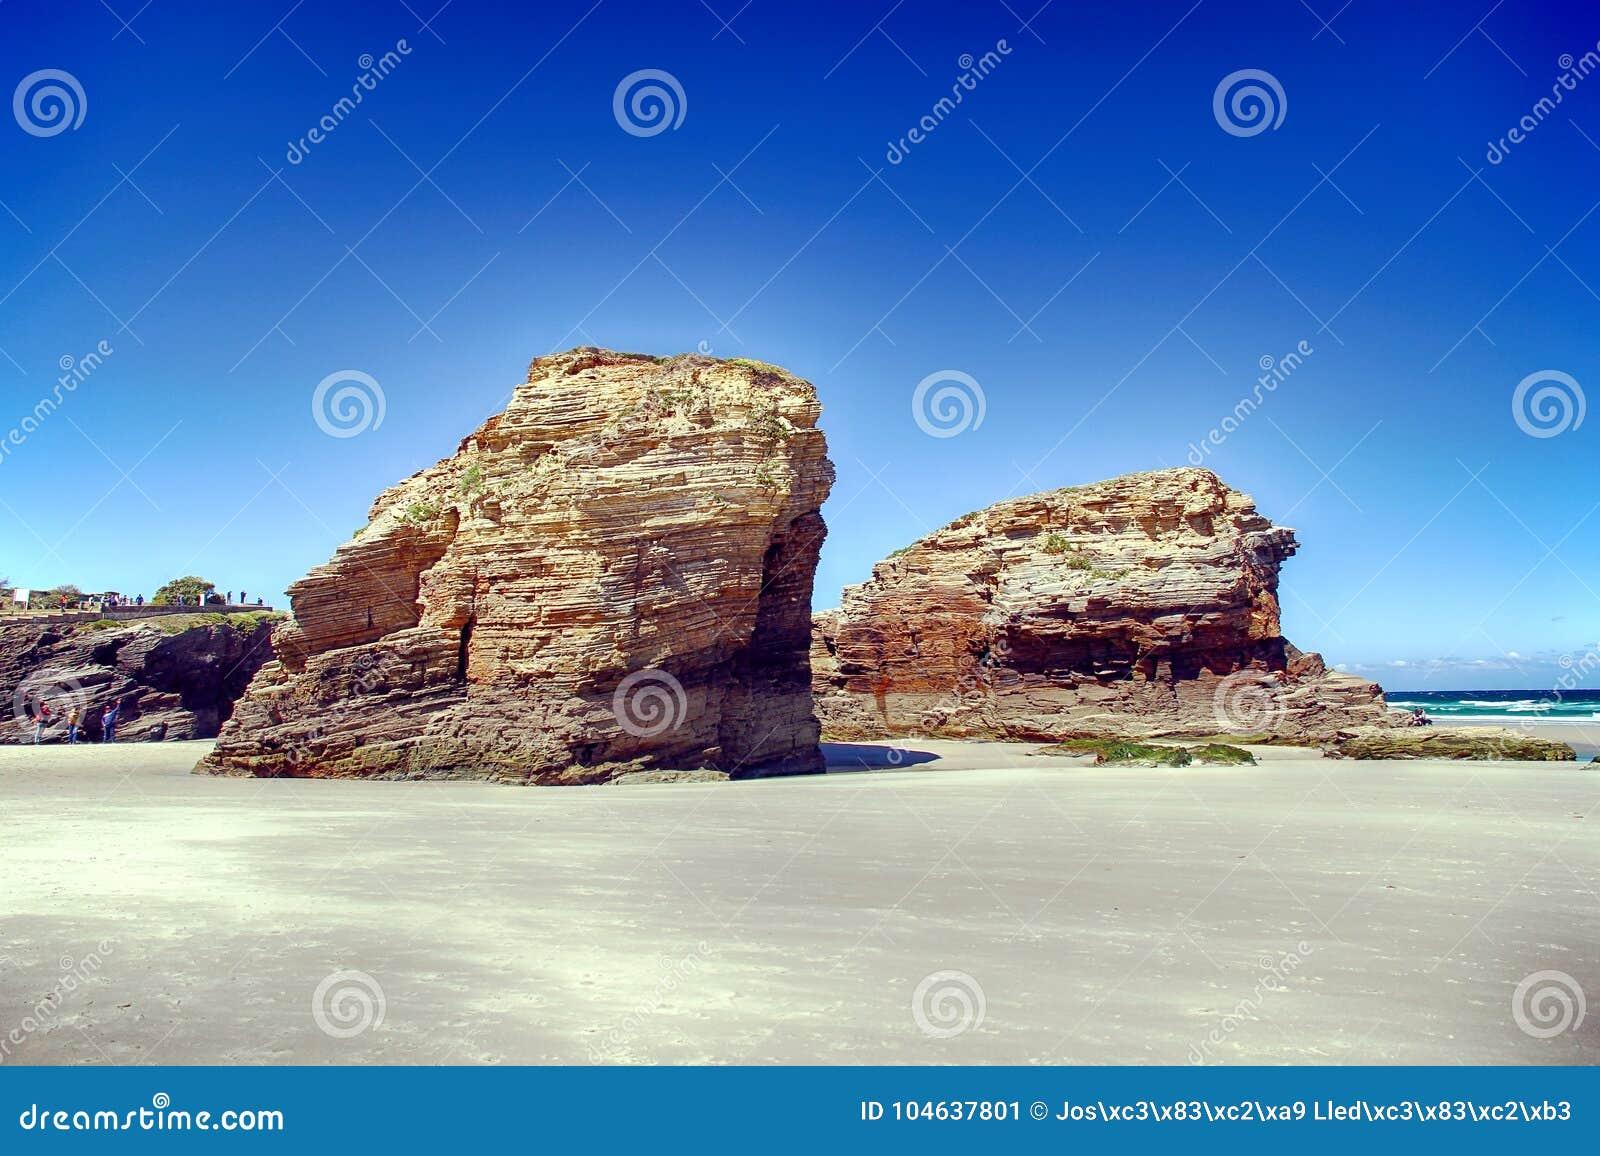 Download Het Kathedralenstrand In Eb Met Rotsen Erosioned Door De Actie Van Het Overzees Stock Afbeelding - Afbeelding bestaande uit boog, rotsen: 104637801